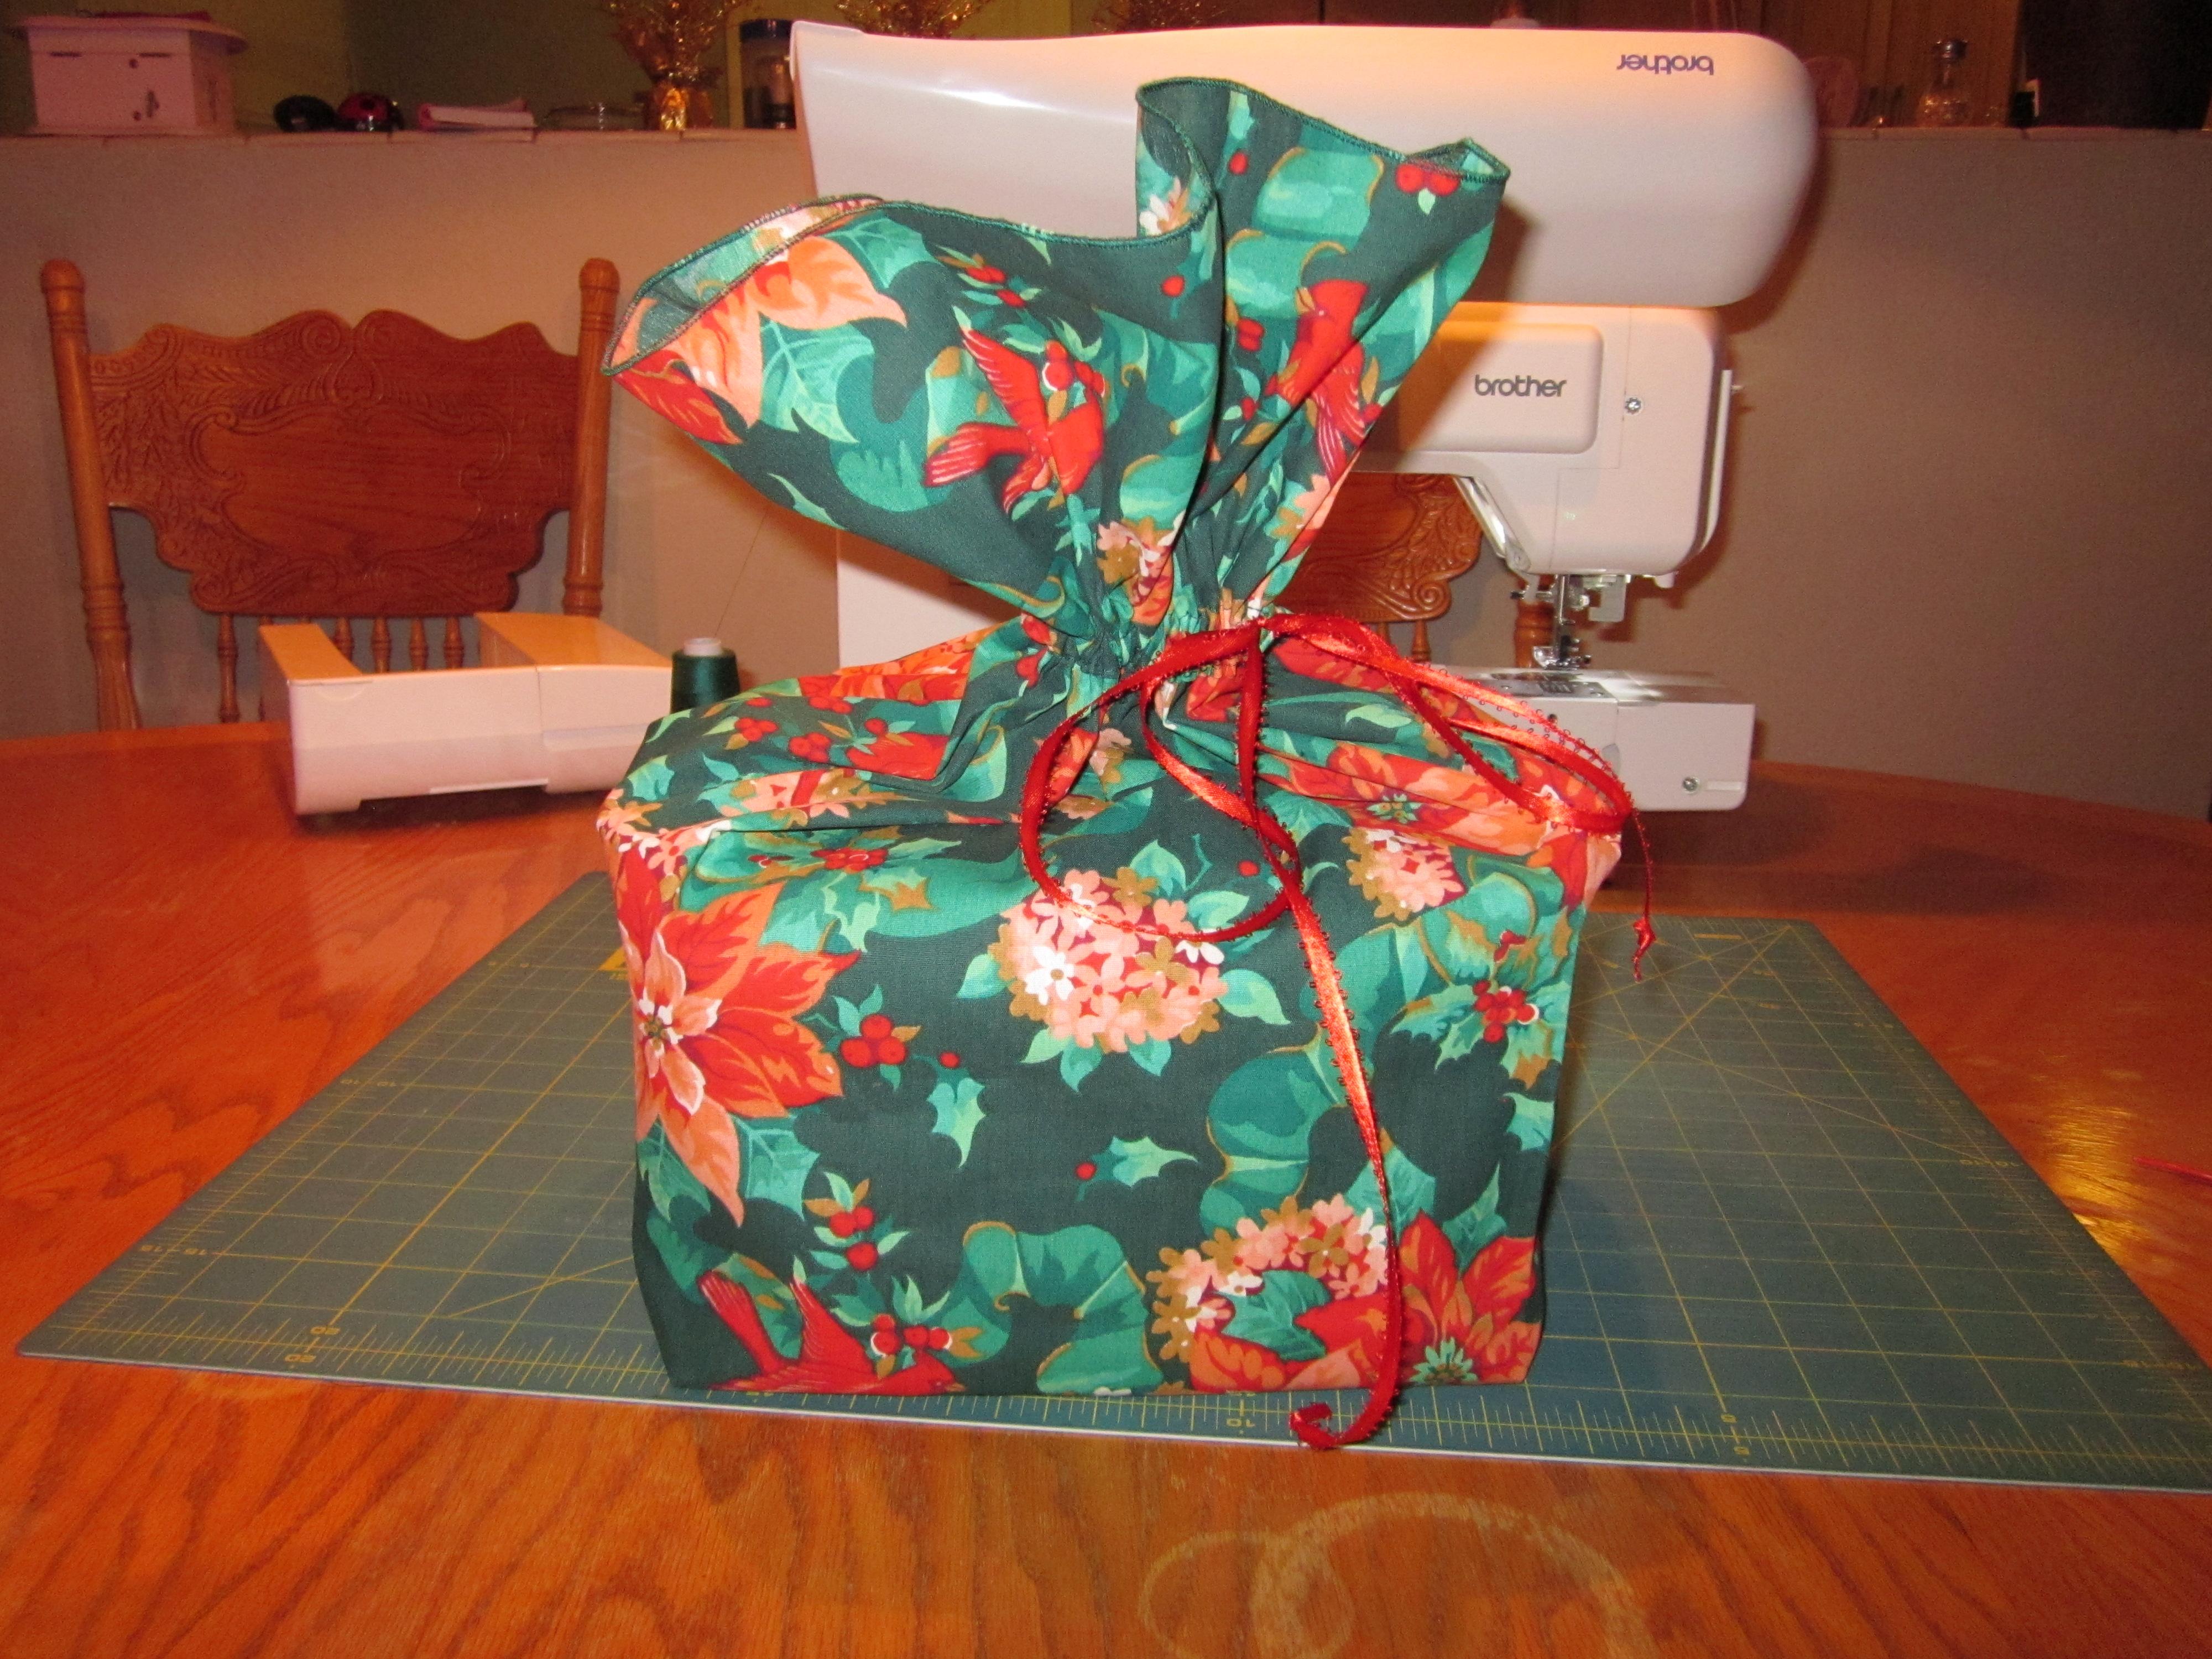 How to make a drawstring fabric bag